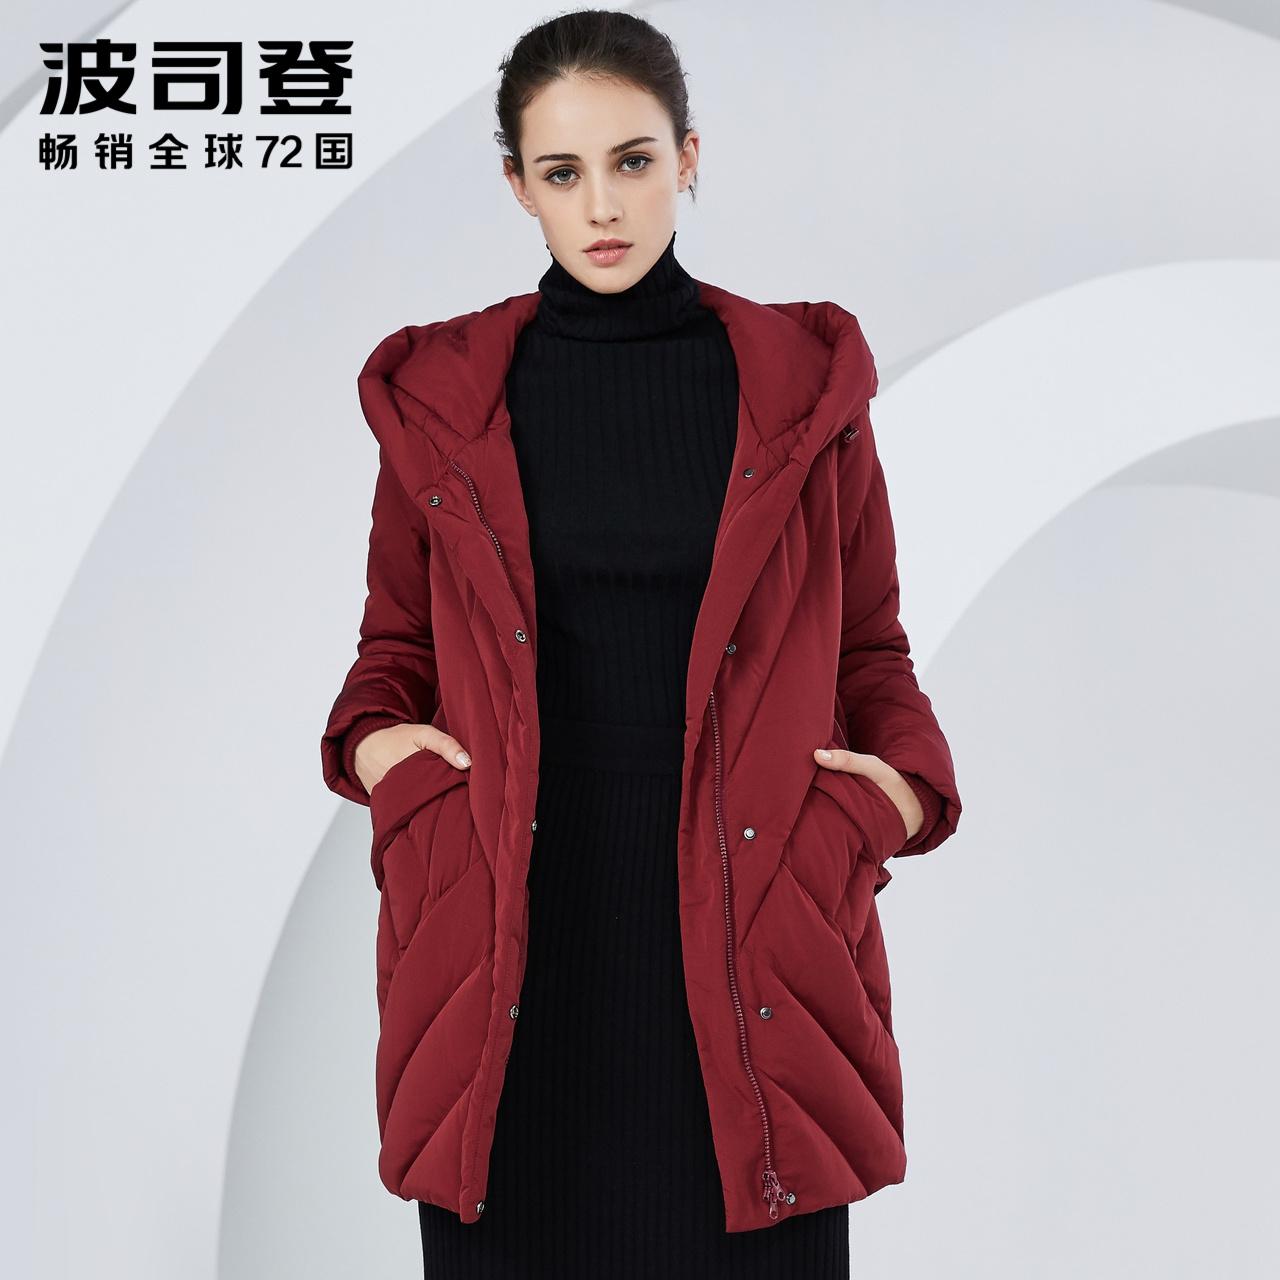 波司登中老年妈妈羽绒服女2018新款冬季鸭绒中长款外套1030B